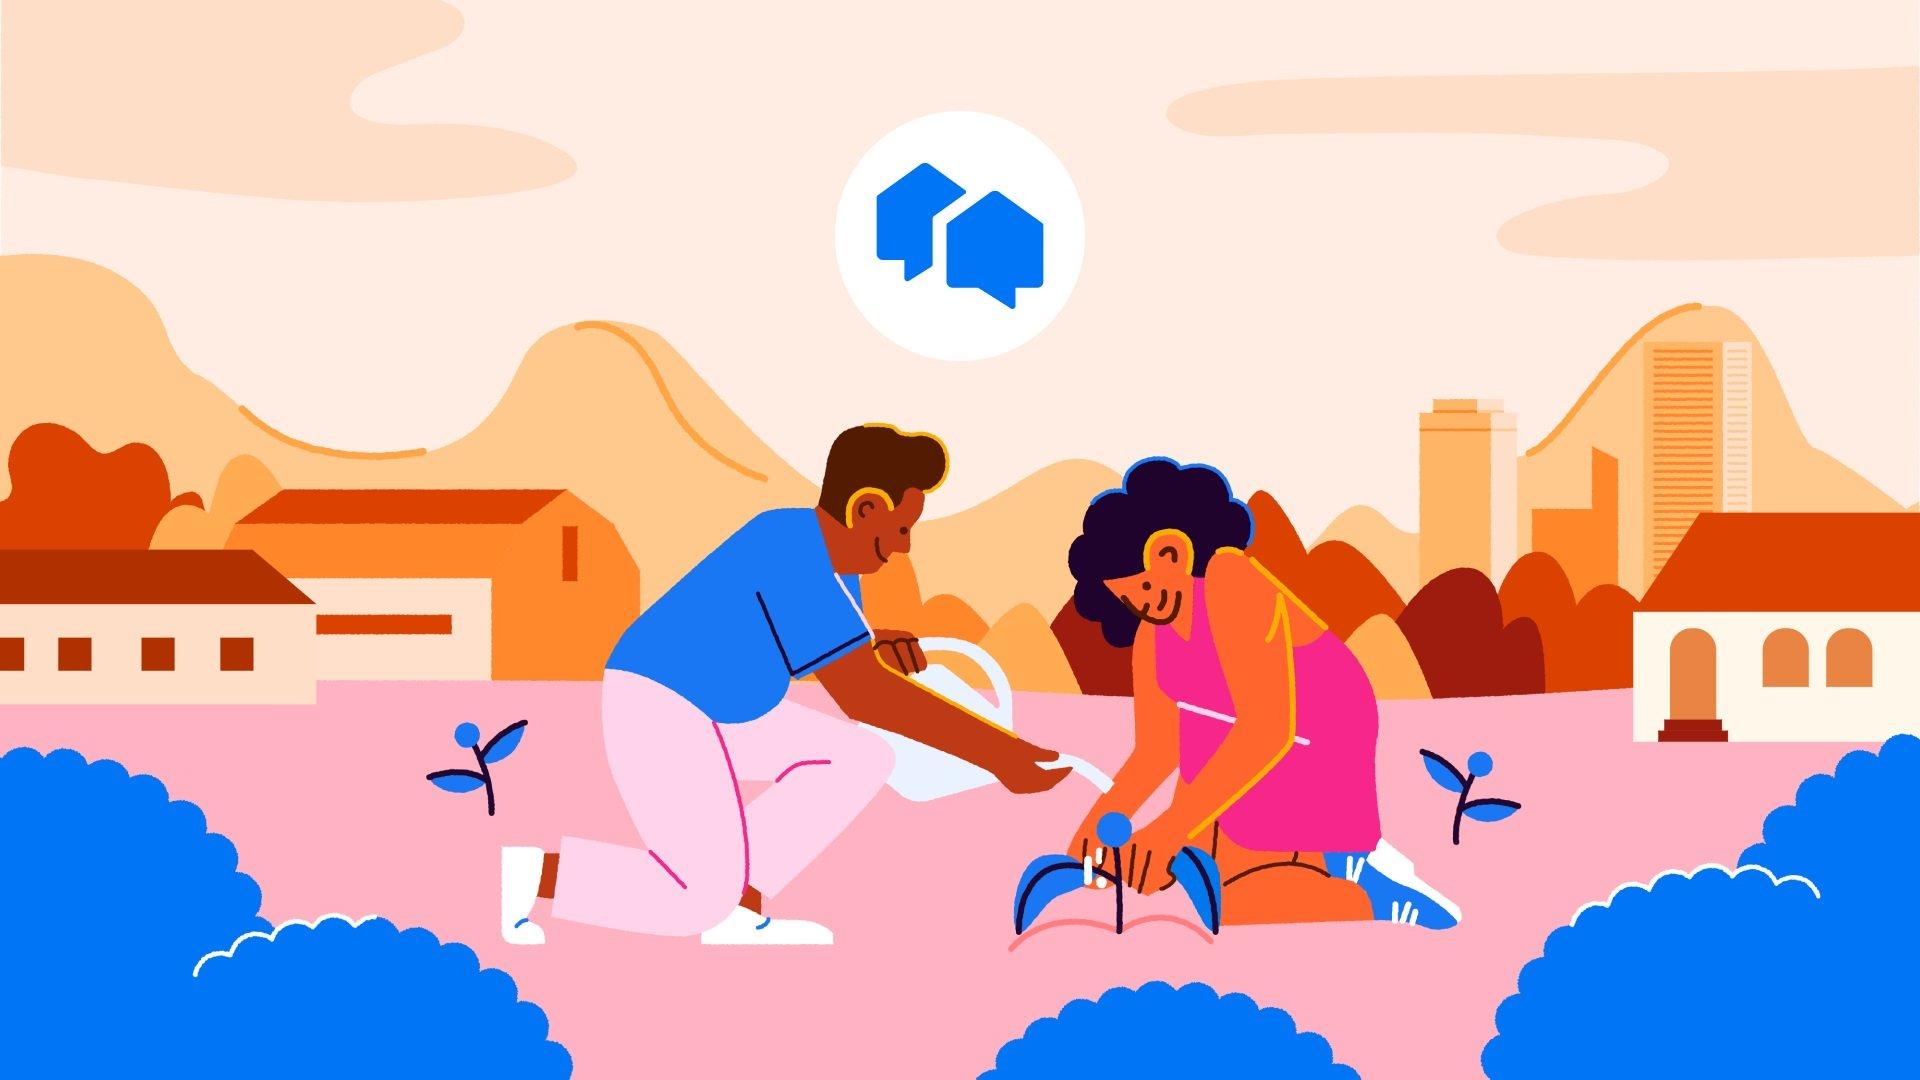 Facebook chce połączyć lokalne społeczności, tworząc dedykowaną przestrzeń dla nich